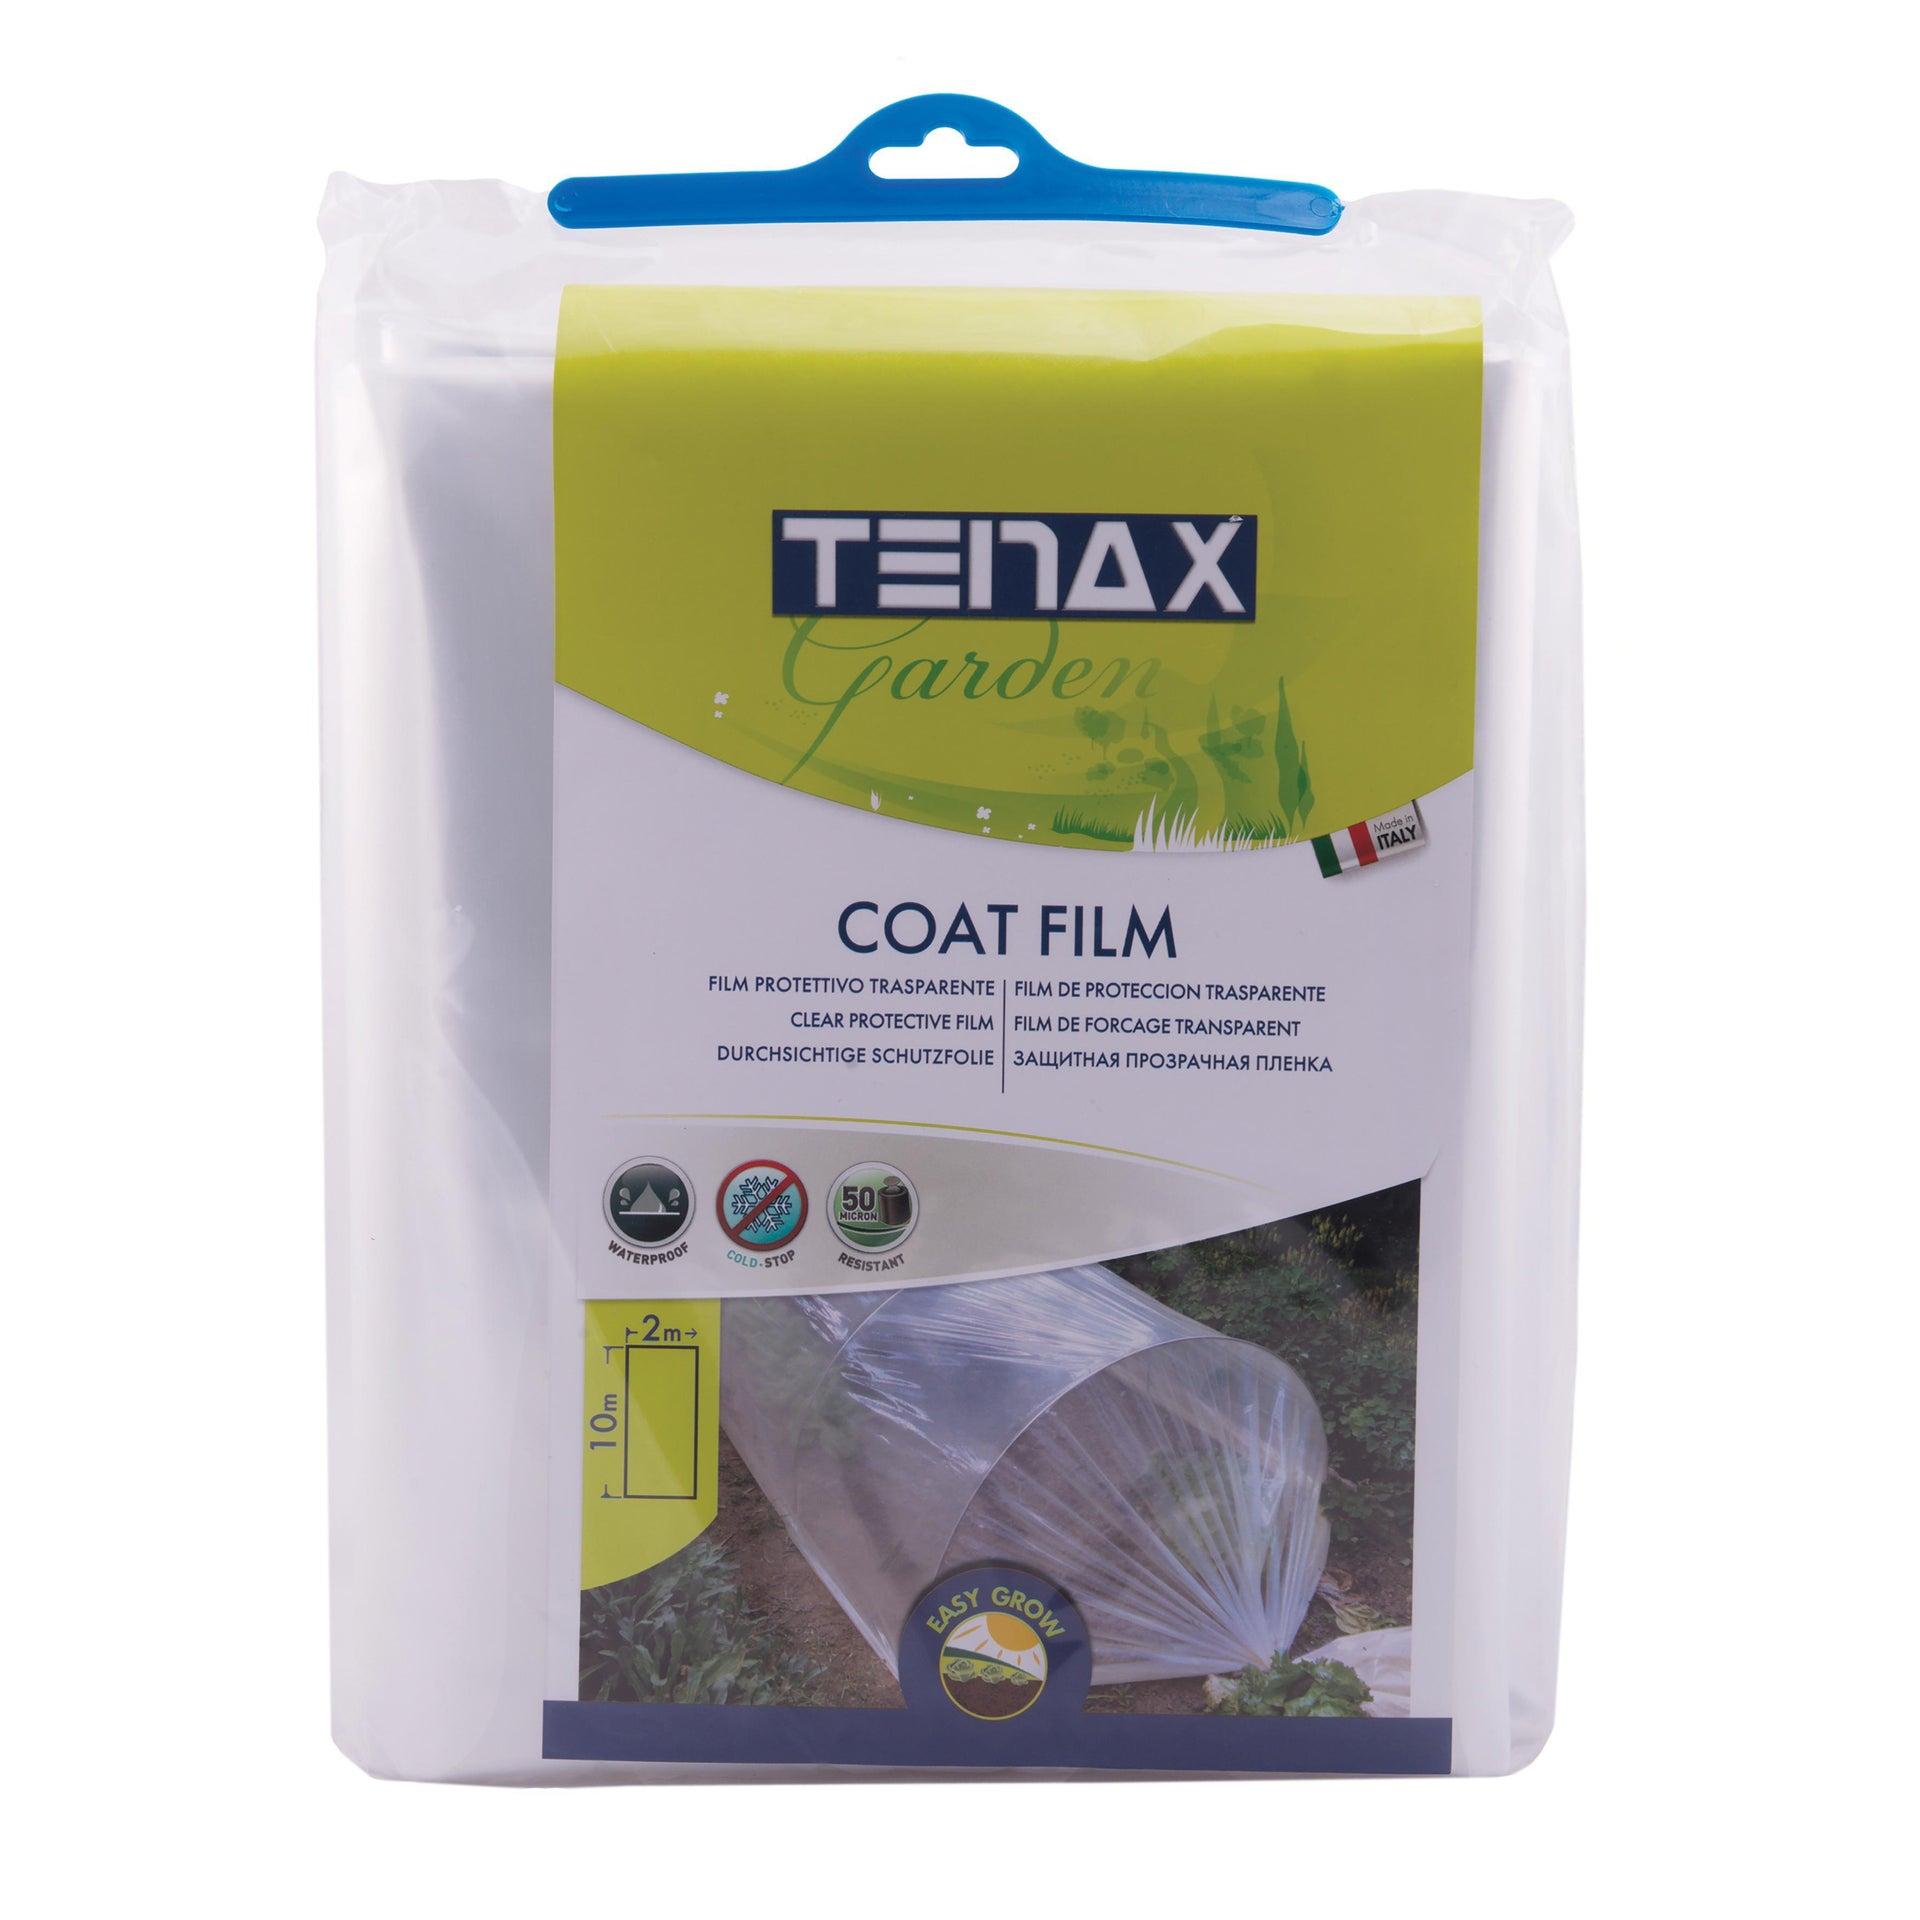 Telo di protezione per colture TENAX microforato spessore 40 micron 10 x 2 m - 1